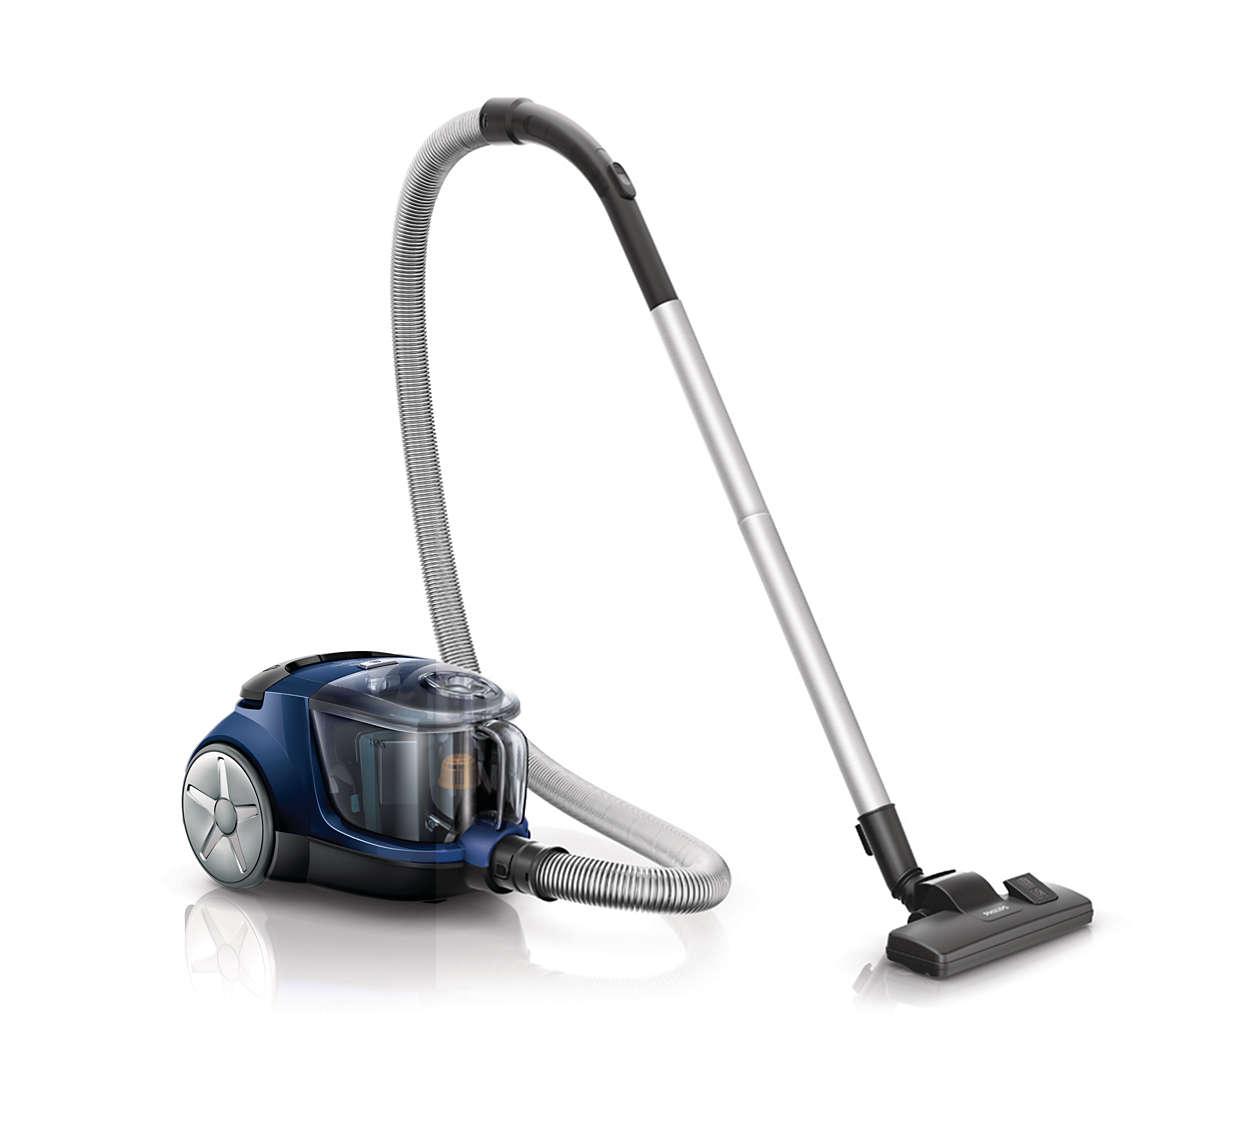 Hogere zuigkracht* voor een betere reiniging